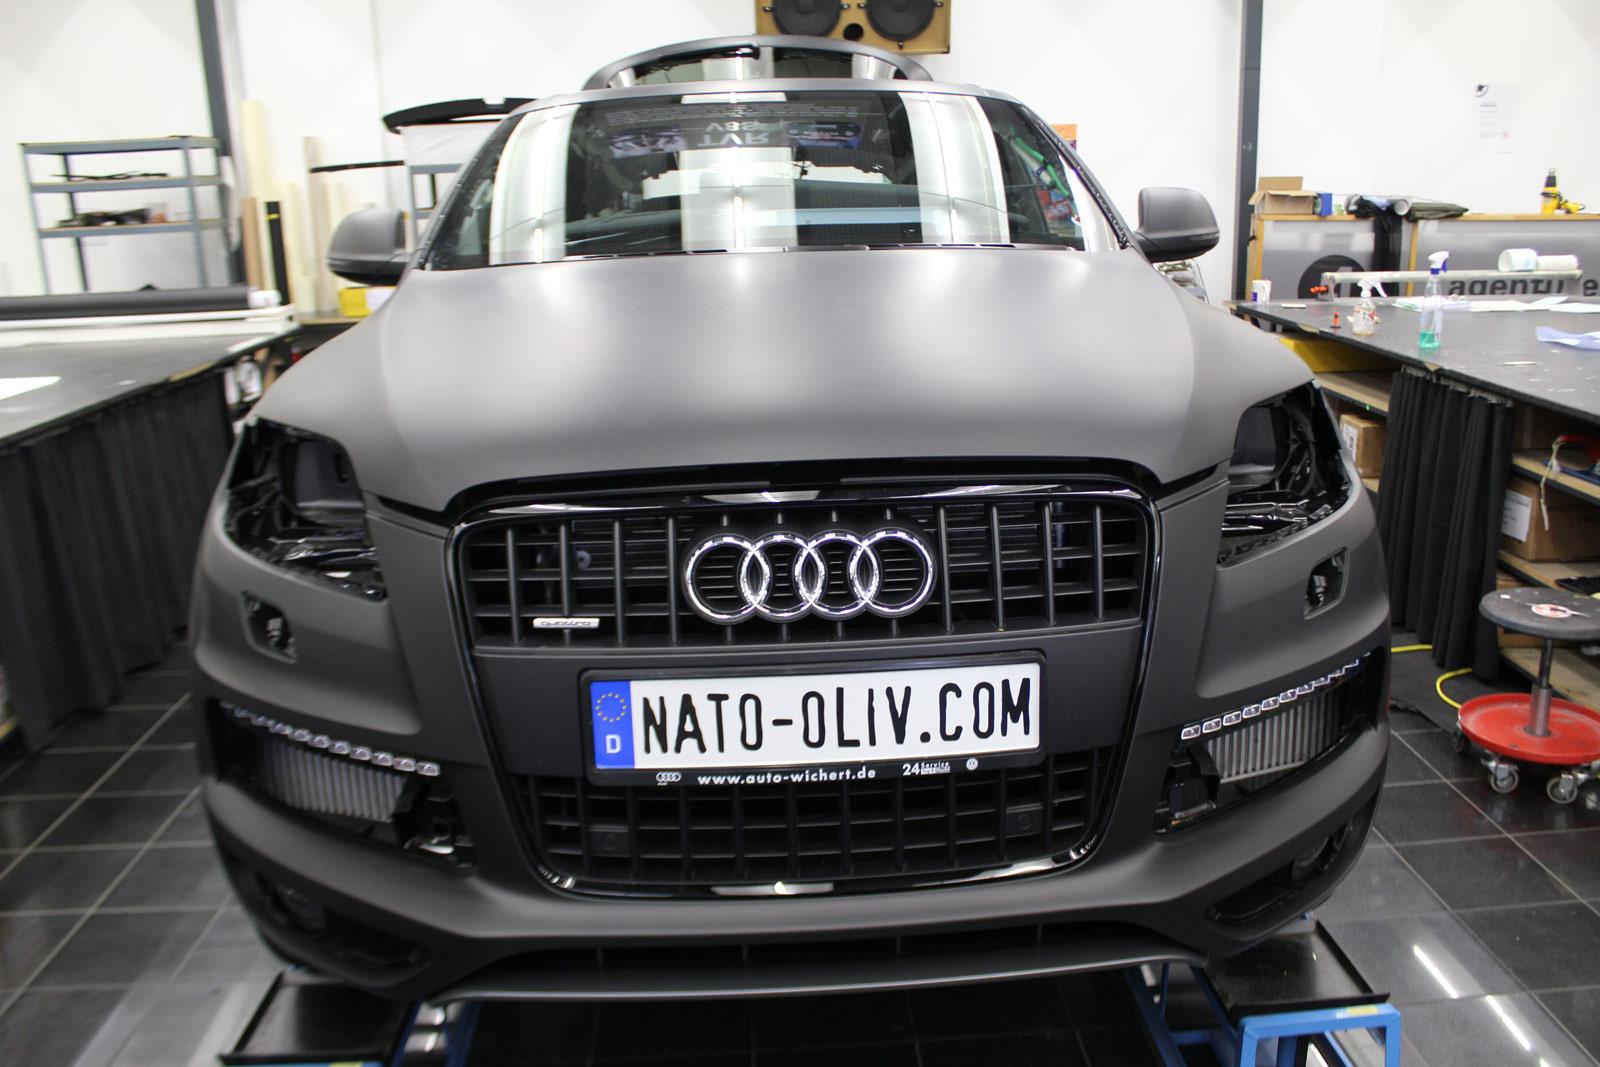 Audi_Q7_Folienbeklebung_Schwarz_Ultramatt_07